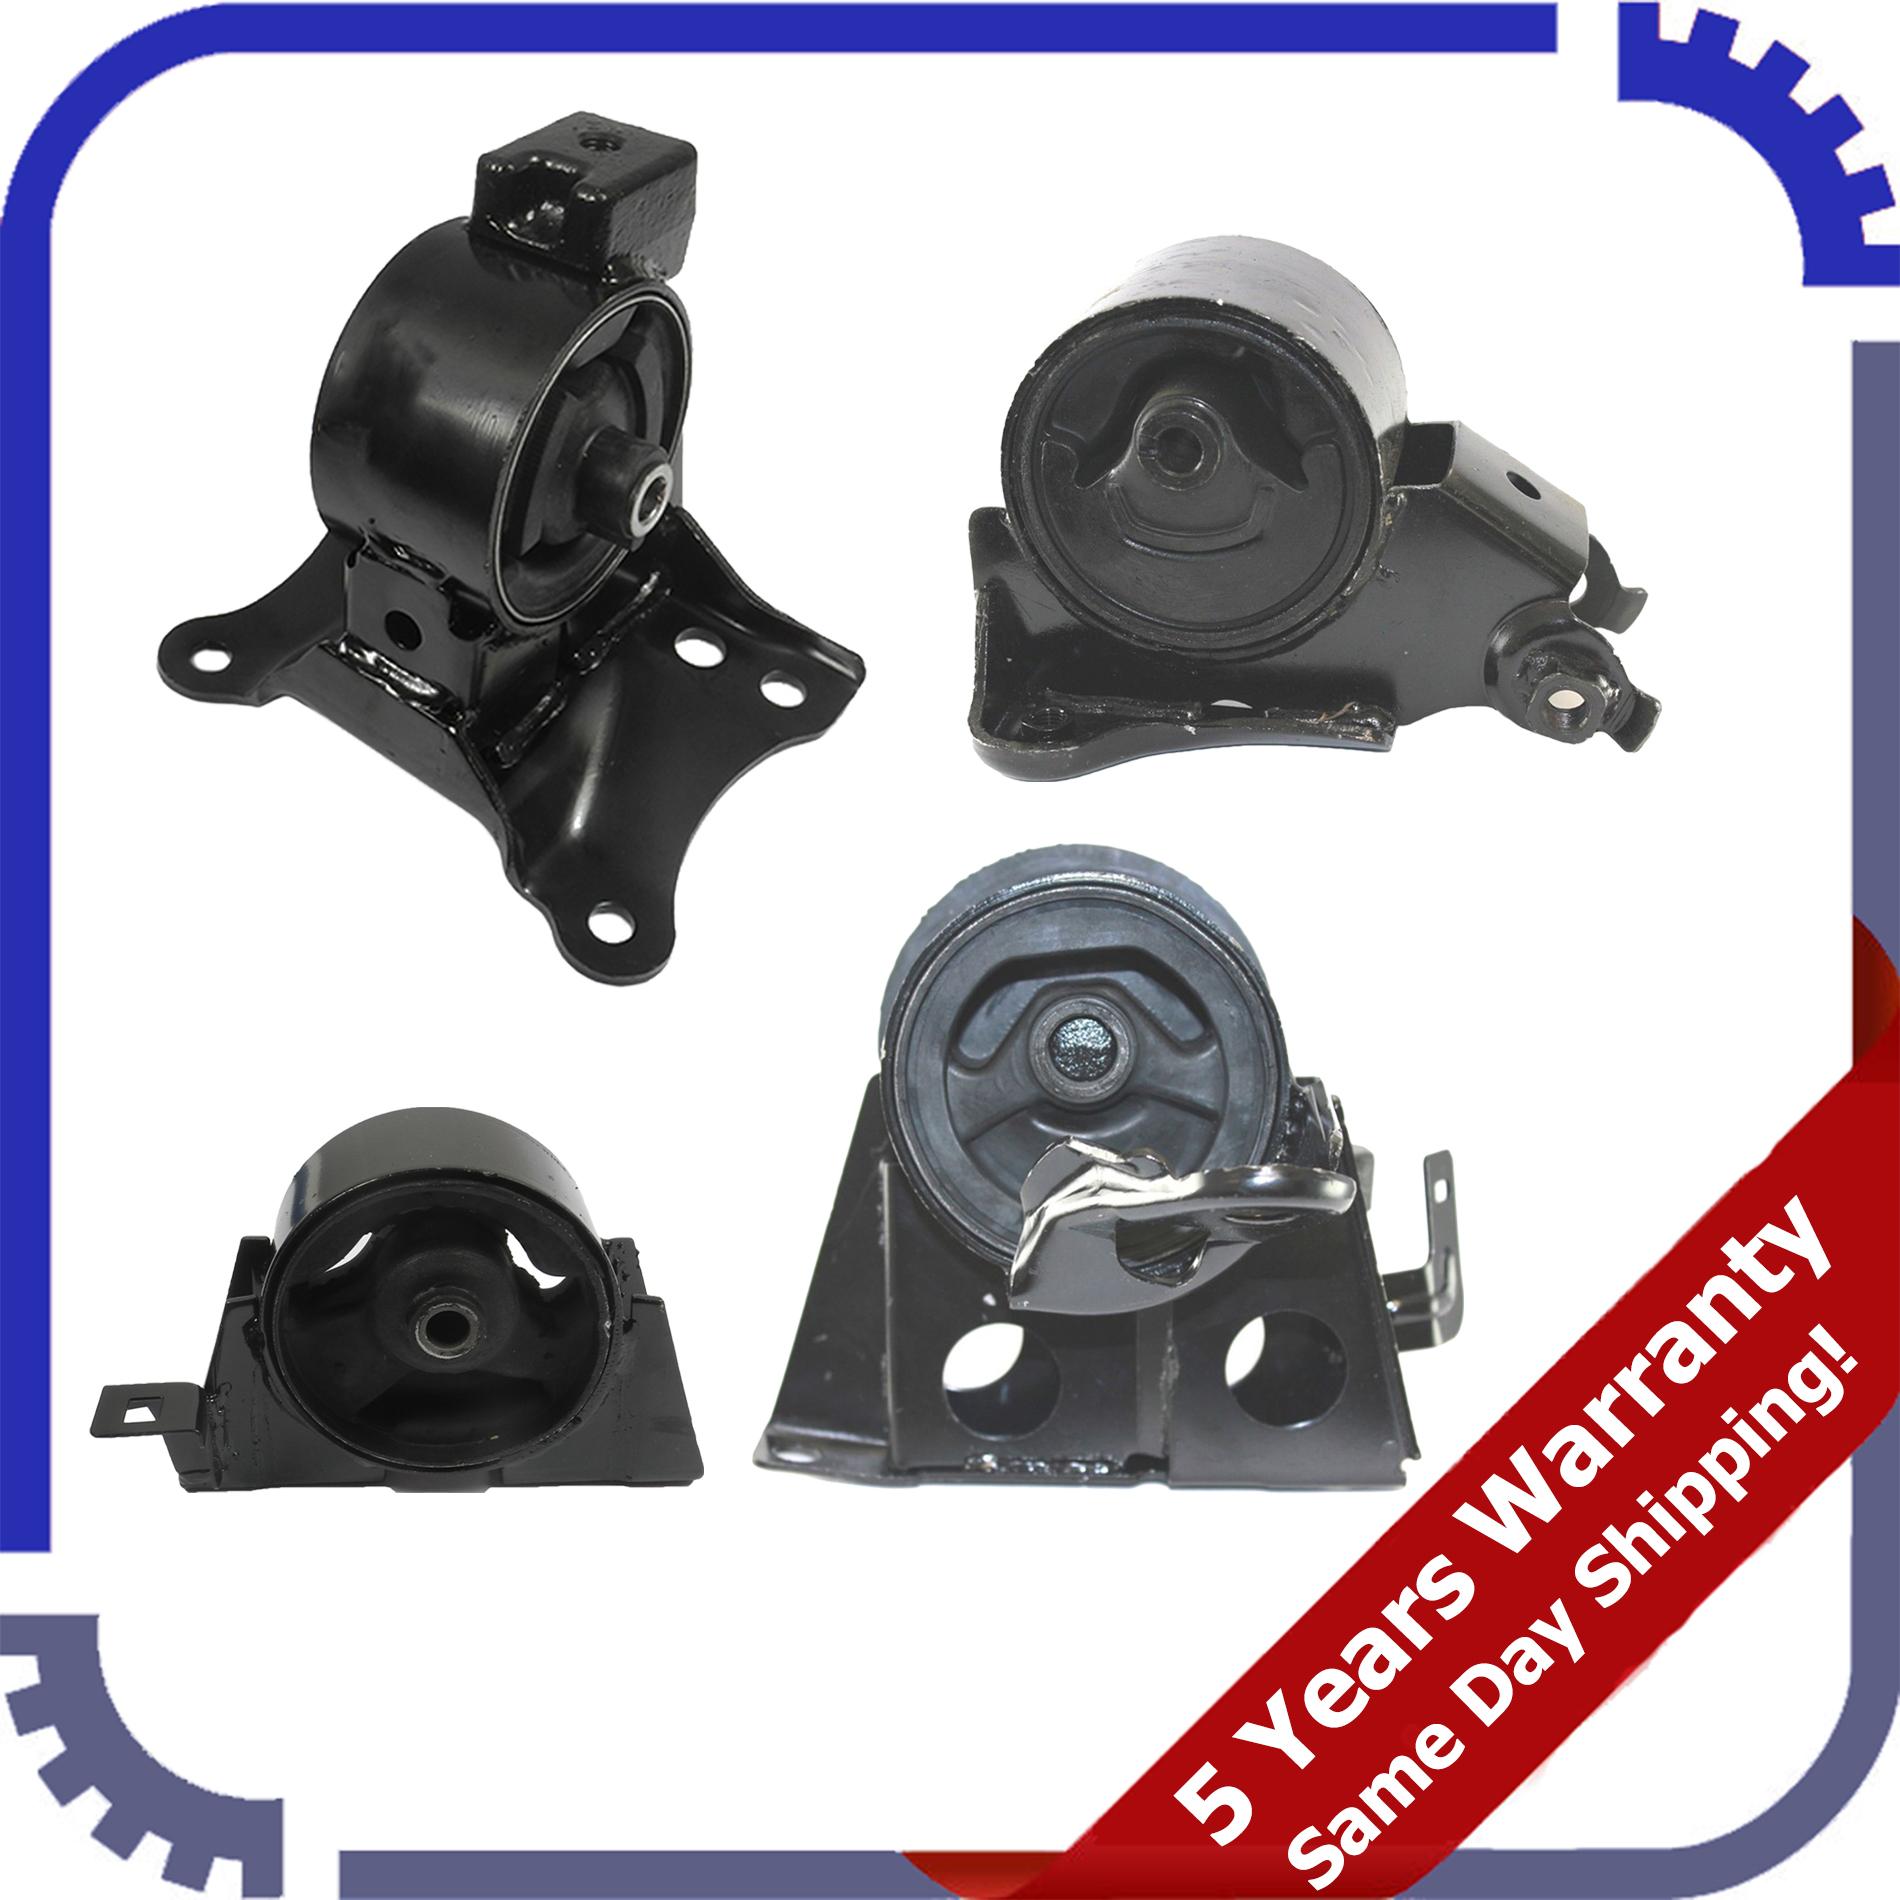 Engine Motor /& Trans Mount Set 4pcs L948 Fits 2005-2006 Nissan X-Trail 2.5L 4WD